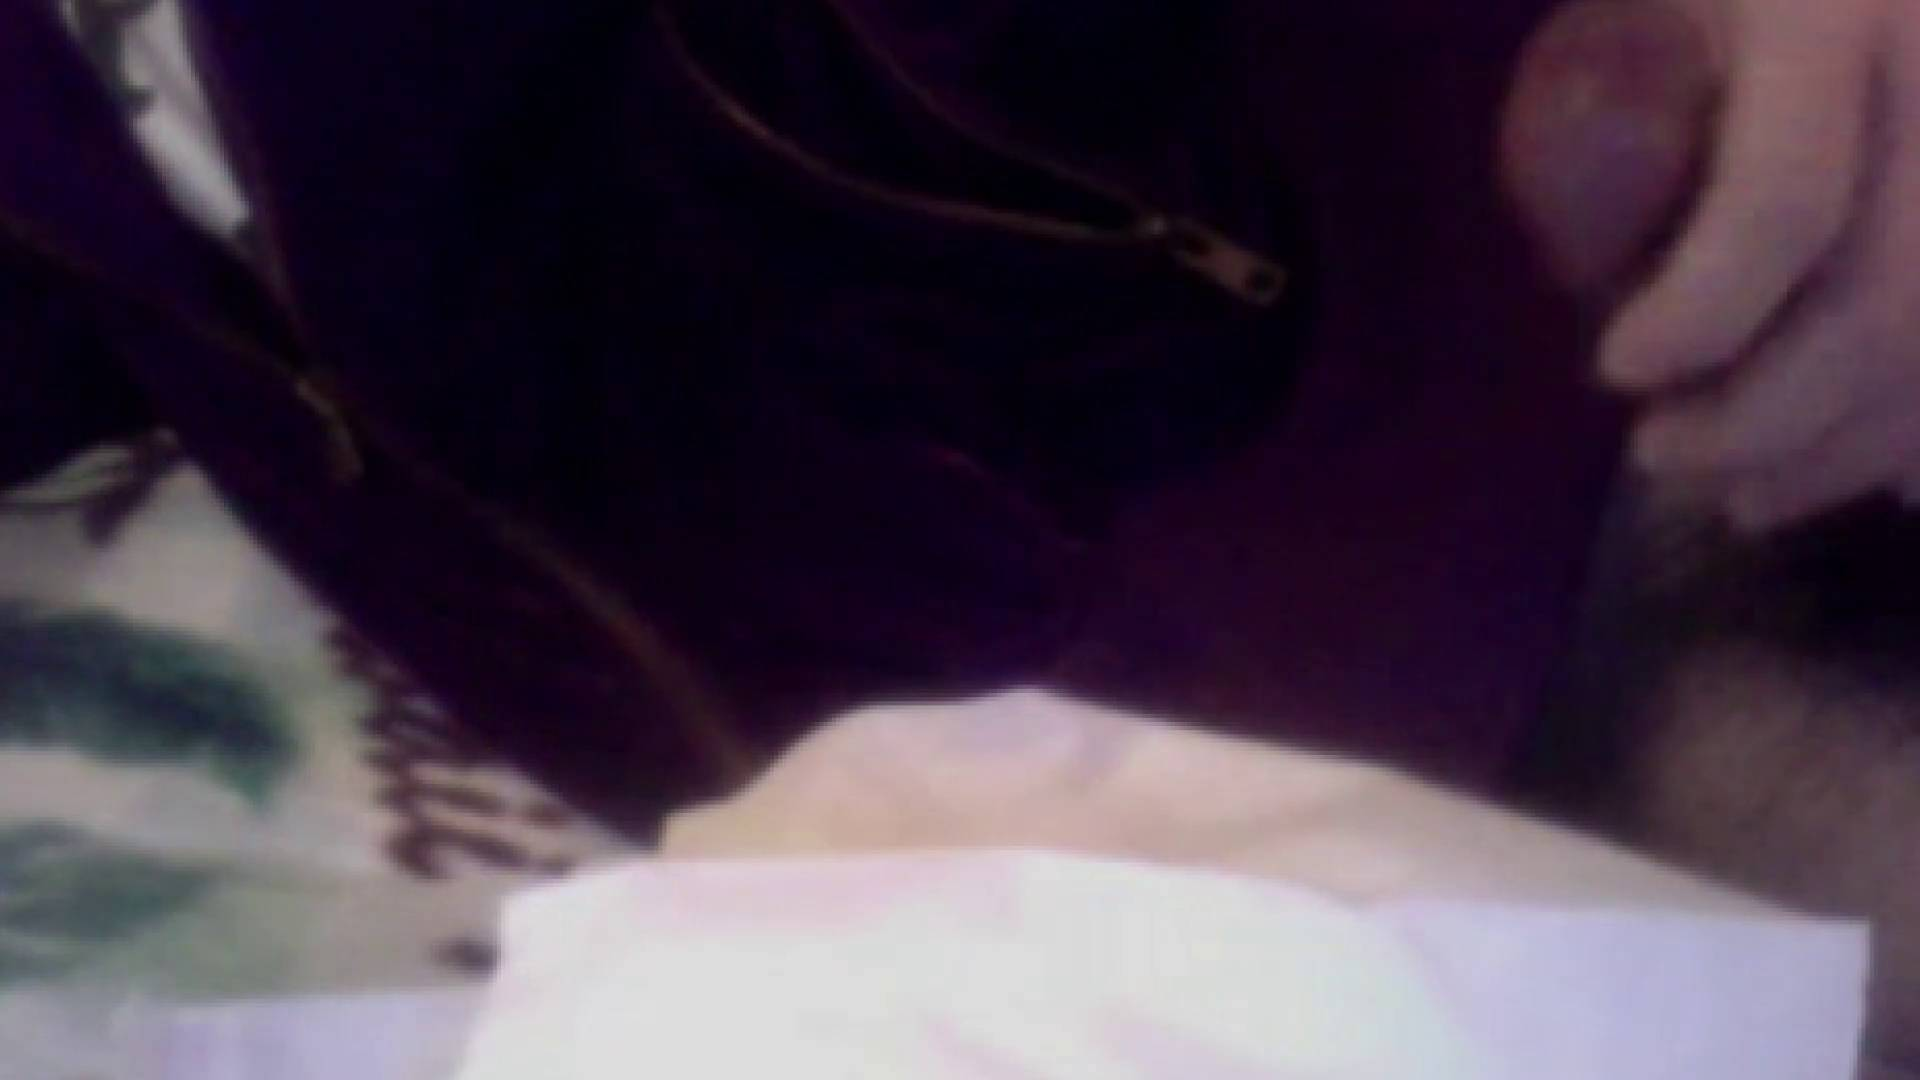 巨根 オナニー塾Vol.08 オナニー | モザ無し アダルトビデオ画像キャプチャ 106枚 50